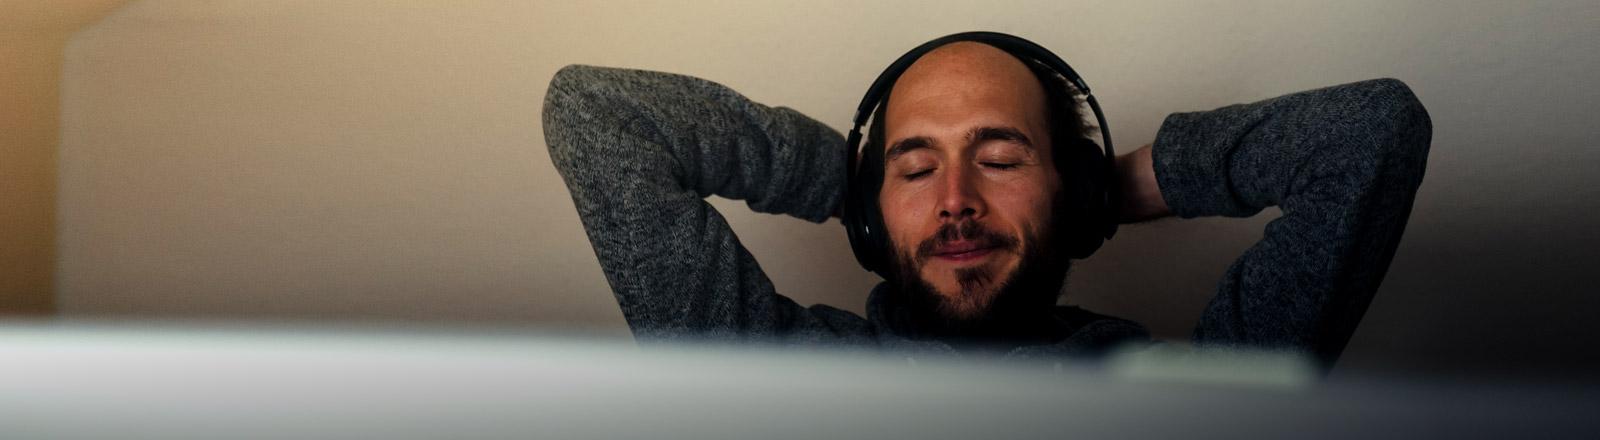 Ein Mann mit Kopfhörern verschränkt die Arme über dem Kopf.